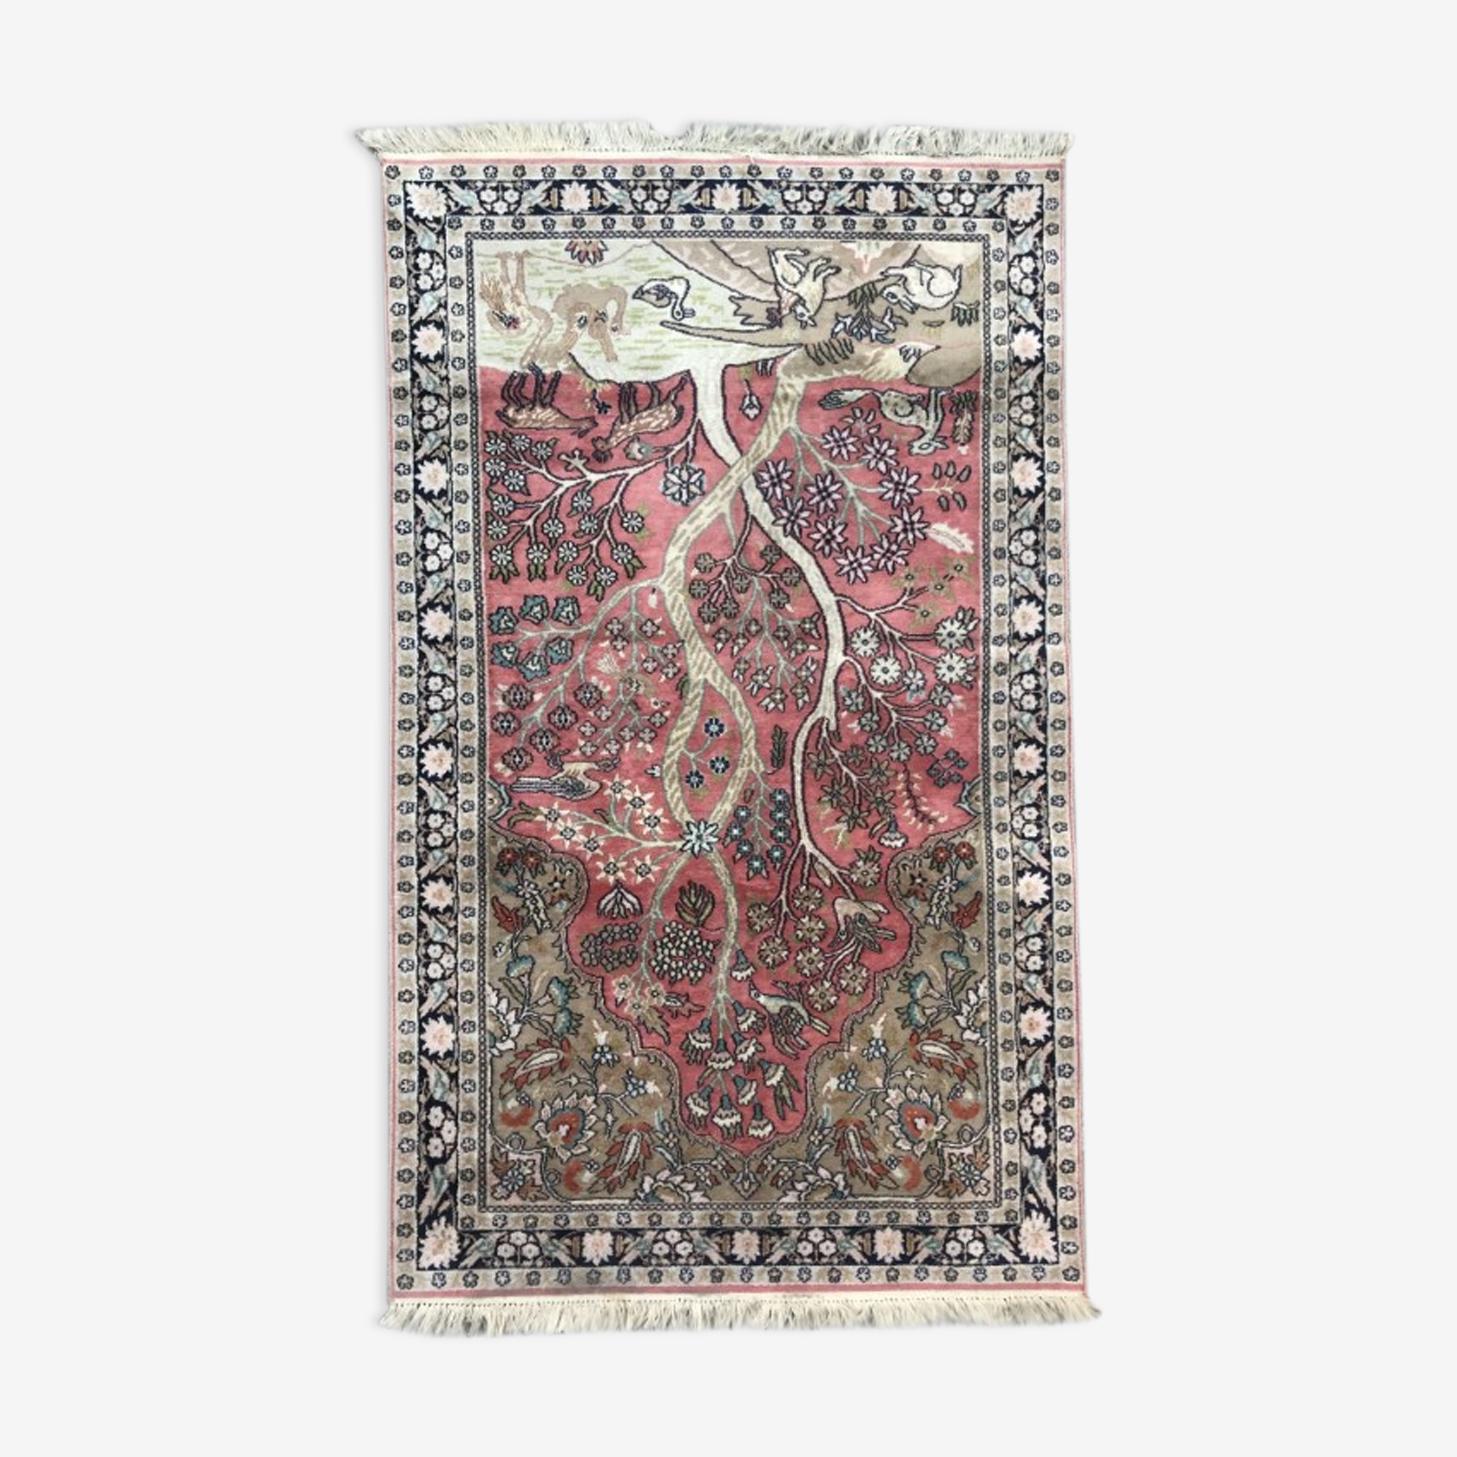 Tapis vintage cachemire en soie 92x155 cm